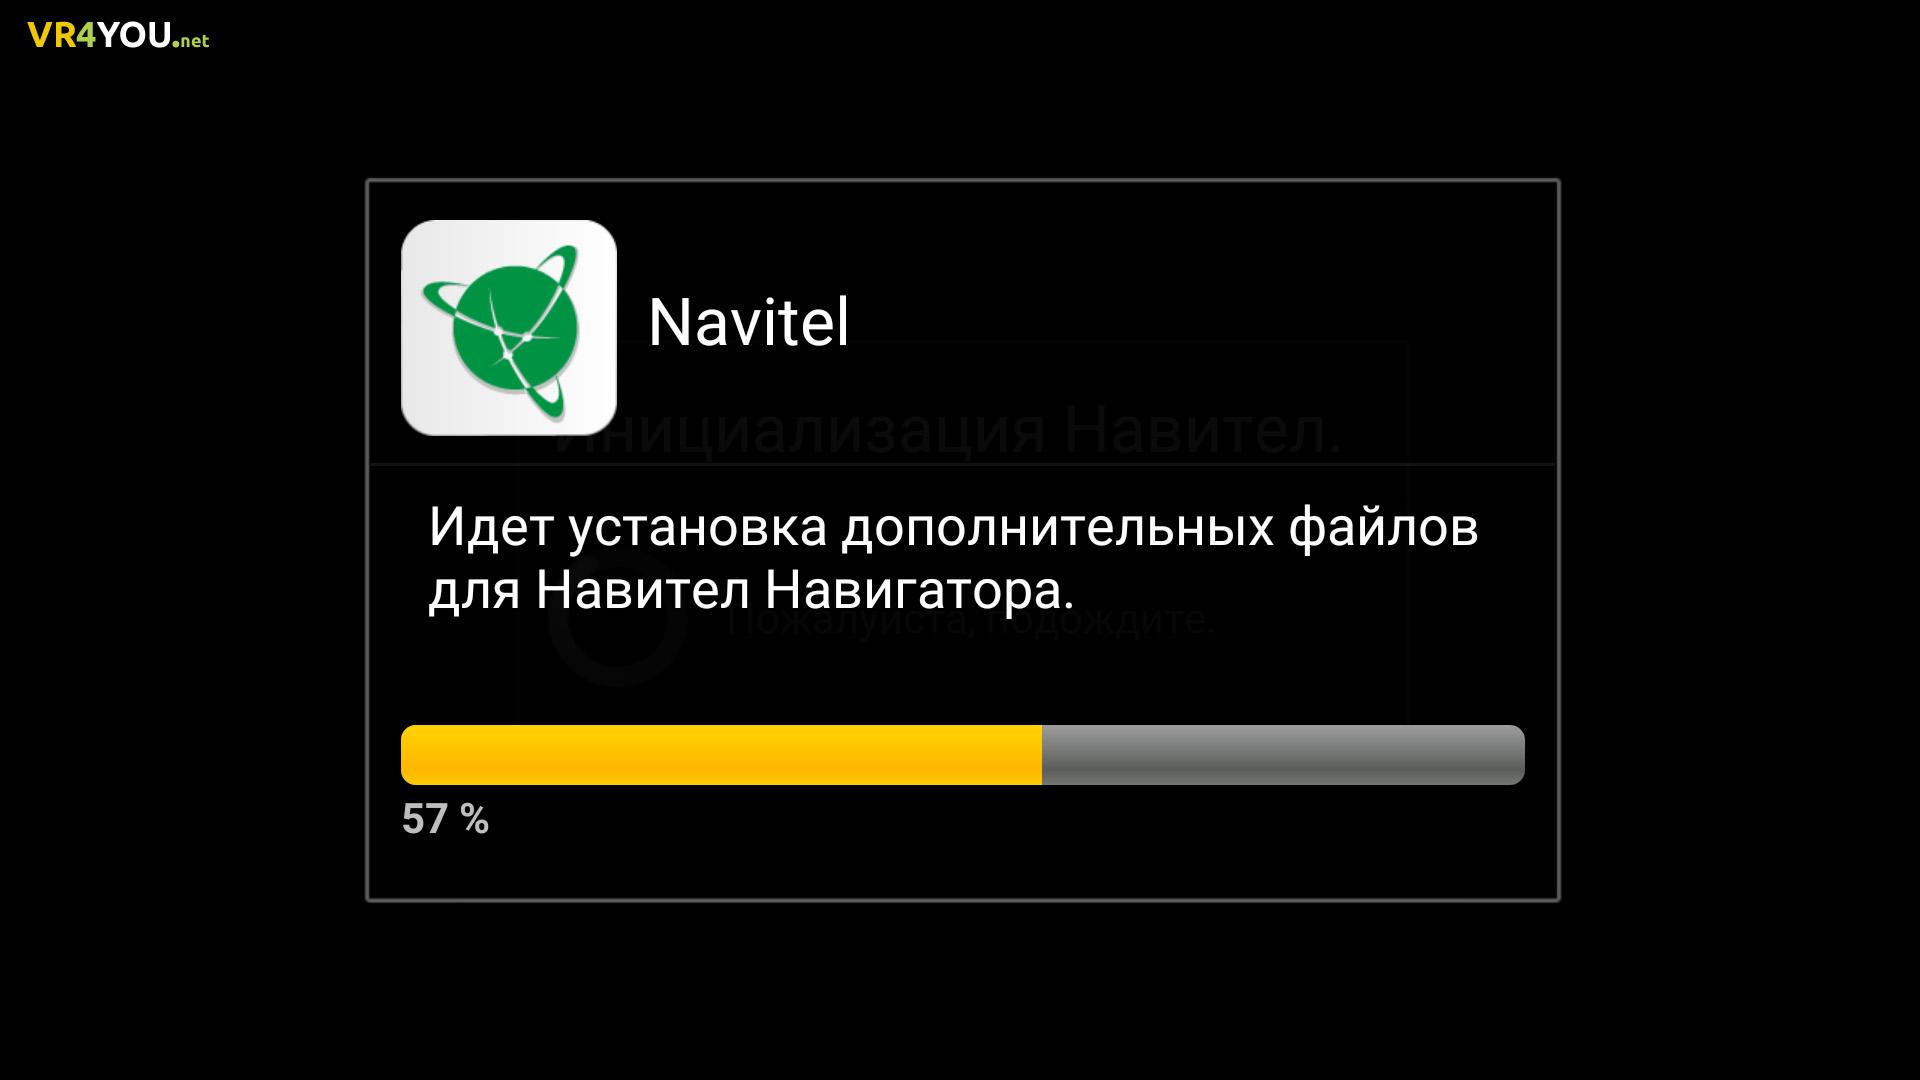 Навигационные карты украины скачать бесплатно на win ce 6.0